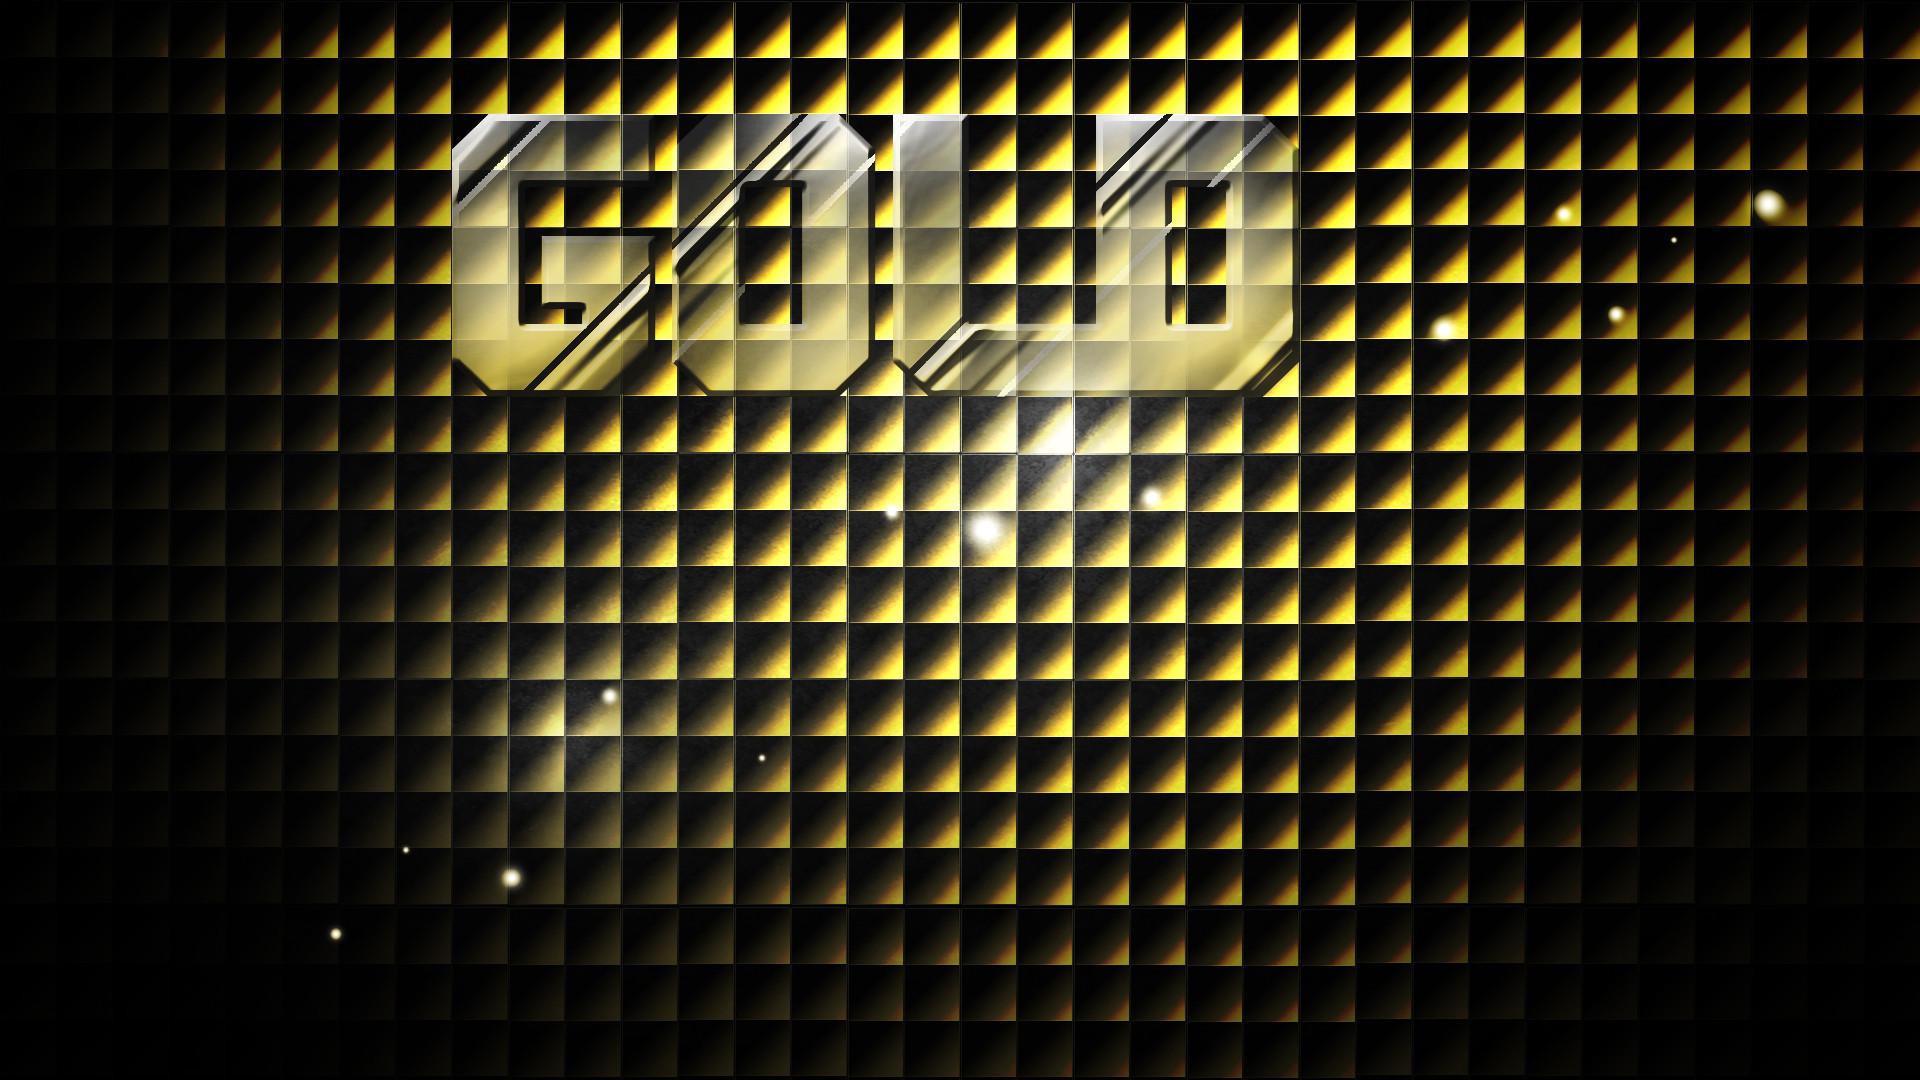 gold wallpaper 694 | Hd Wallpaper, Blue Wallpaper, Abstract Wallpaper, Desktop  Wallpaper, Pc Wallpaper, | Pinterest | Gold wallpaper, Wallpaper and …